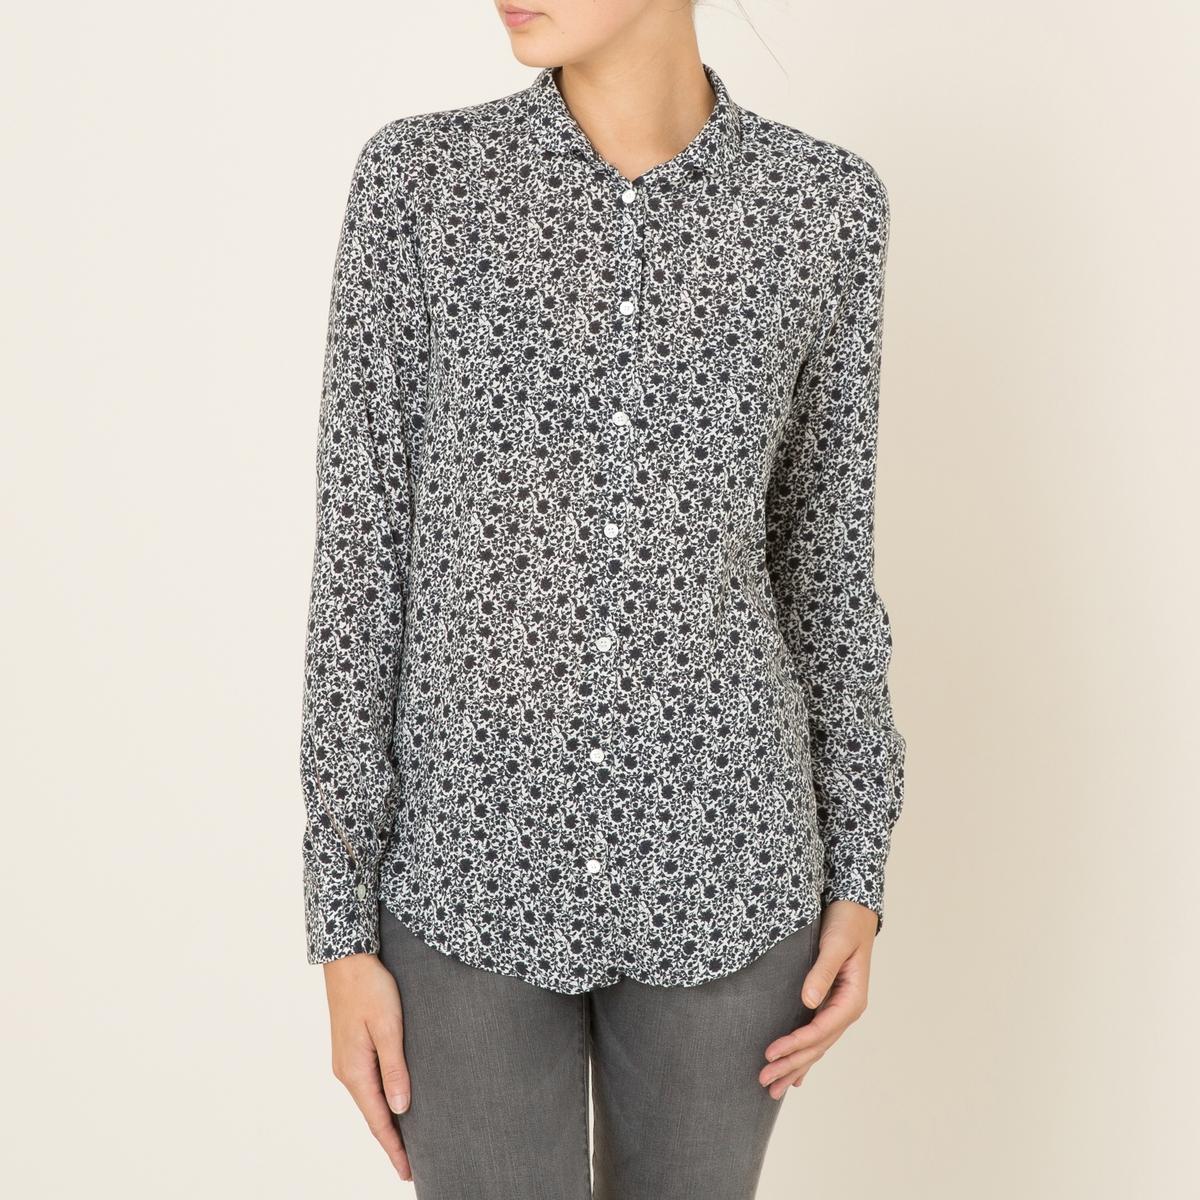 Рубашка женская CLONEYРубашка HARTFORD, модель CLONEY. Тонкий отложной воротник. Длинные рукава с застежкой на пуговицы. Шлица сзади. Закругленный низ. Сплошной цветочный рисунок. Легкий и струящийся покрой .Состав &amp; Детали   Материал : 100% Вискоза    Марка : HARTFORD<br><br>Цвет: белый/ серый<br>Размер: размерXL